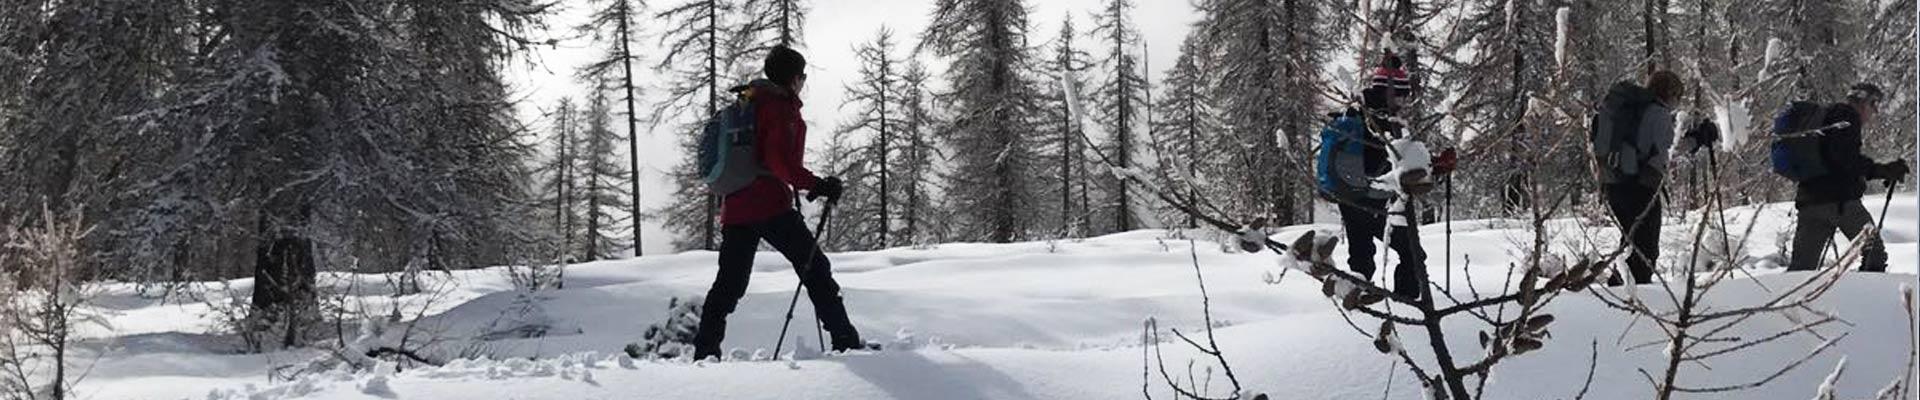 chalet-alpelune-sneeuwschoenwandelen-2